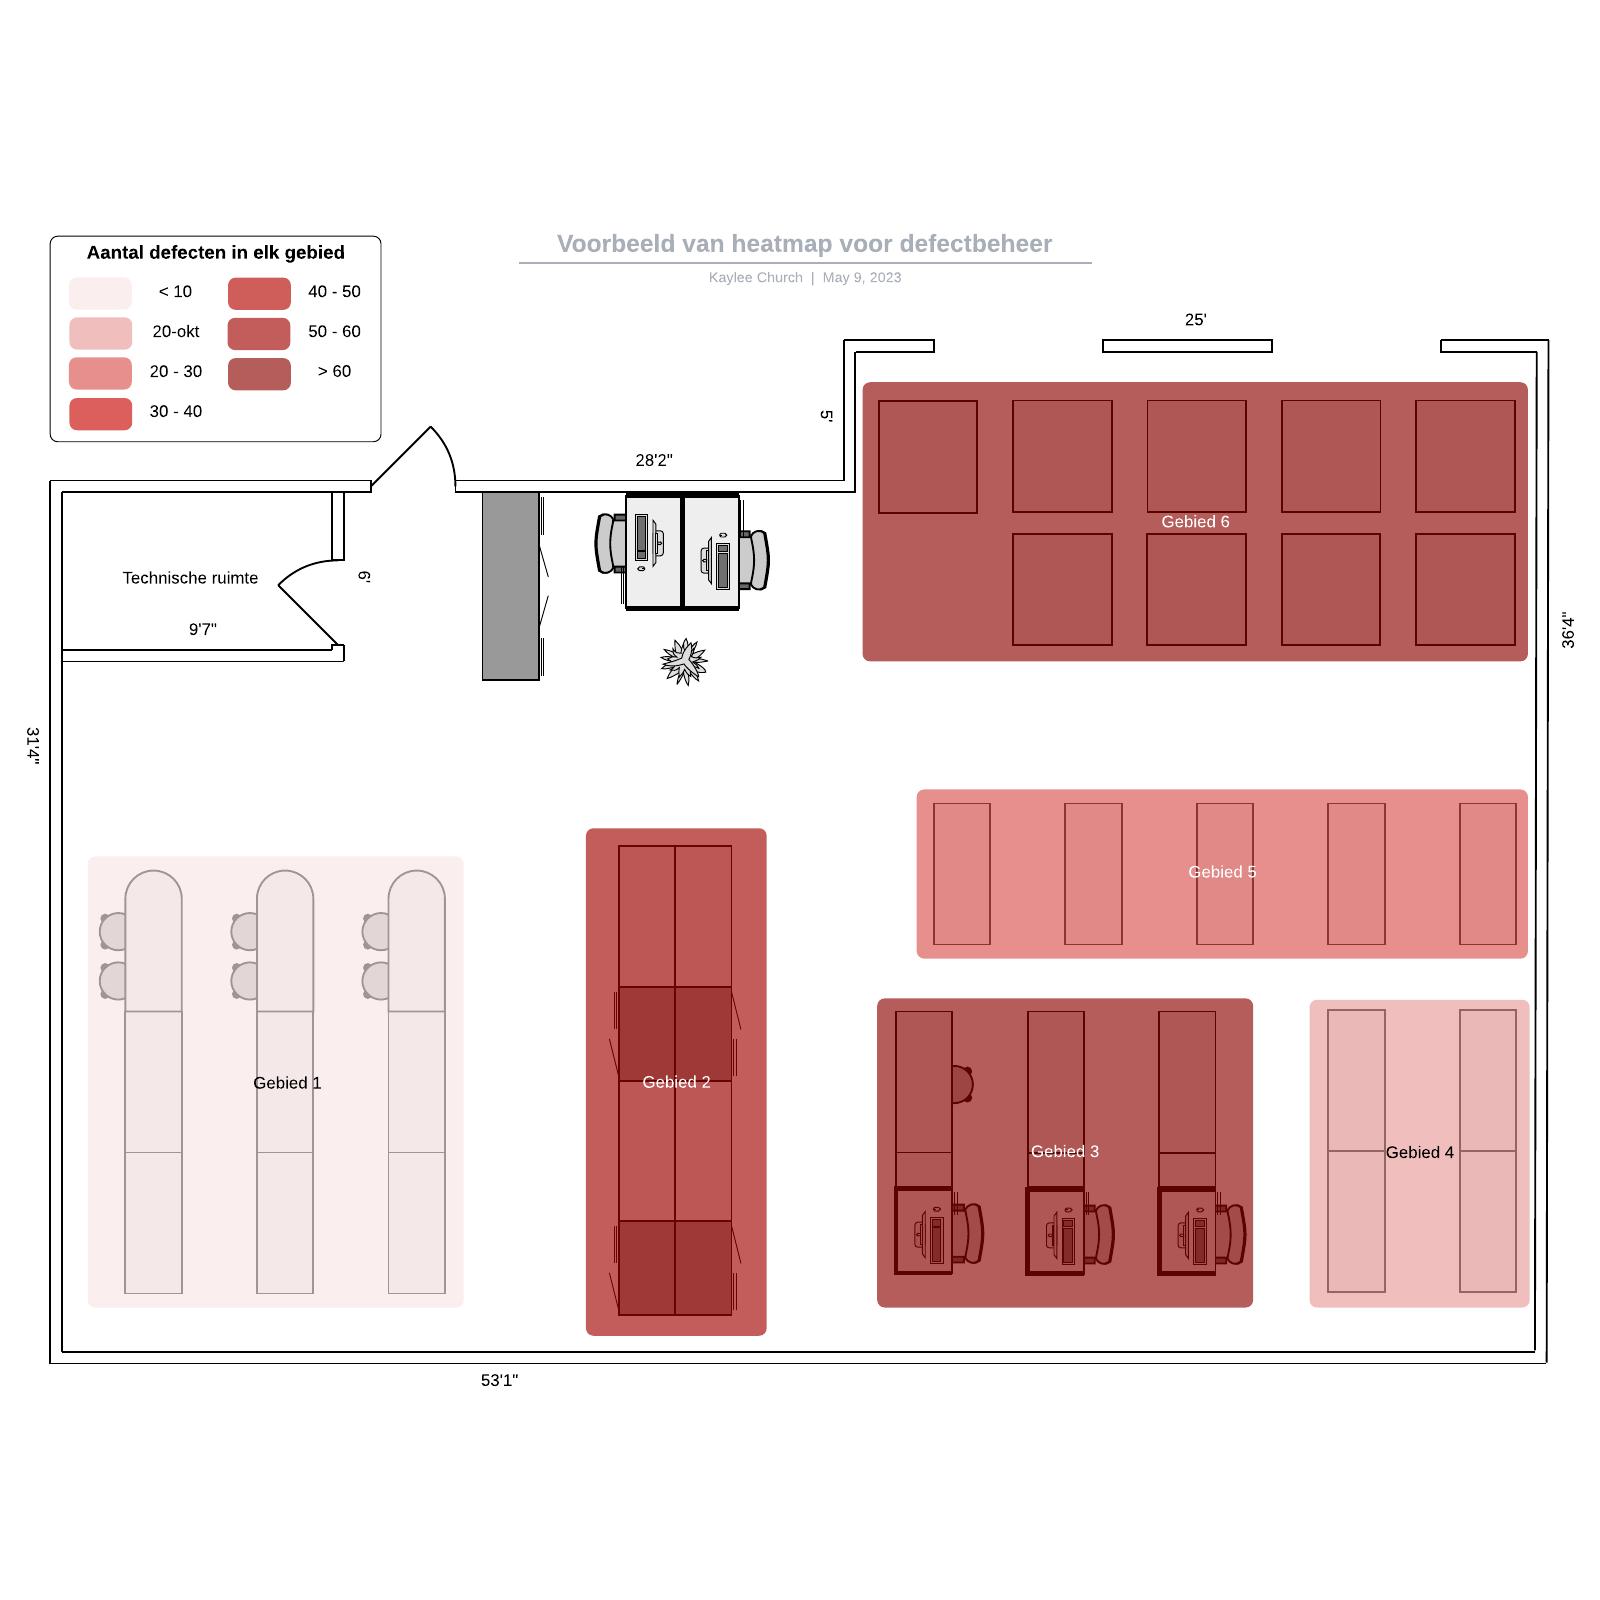 Voorbeeld van heatmap voor defectbeheer